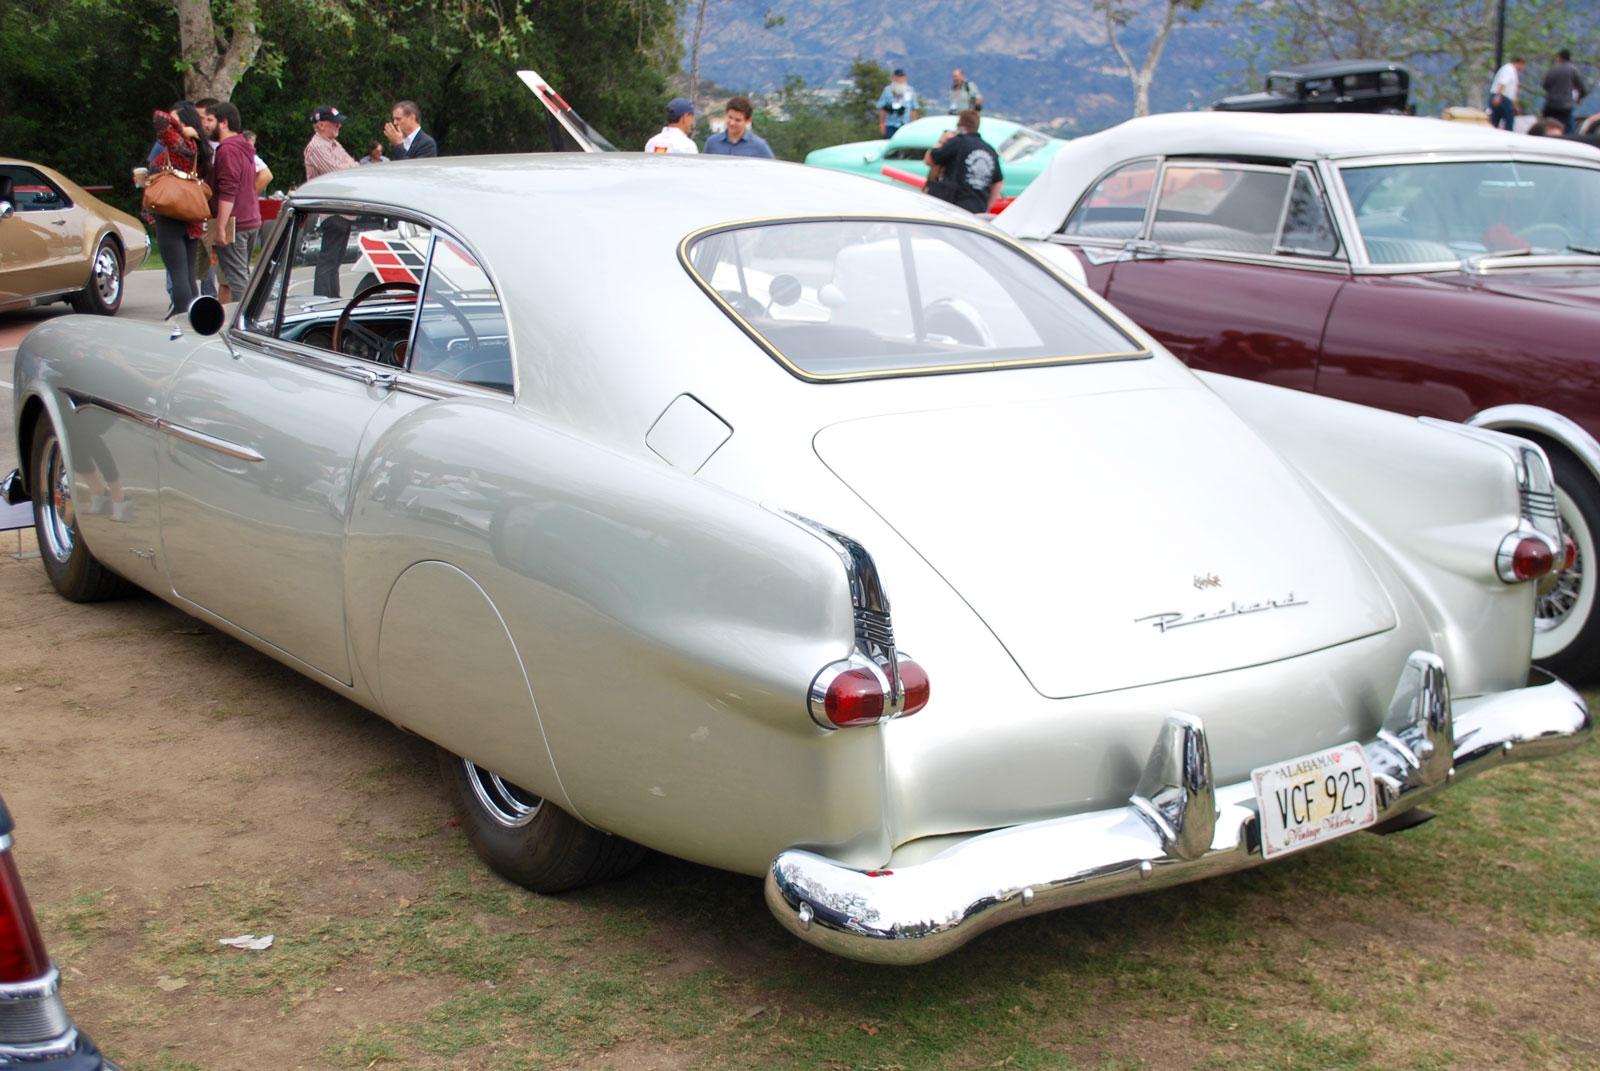 1952-Packard-Pinin-Farina-Coupe-3.jpg